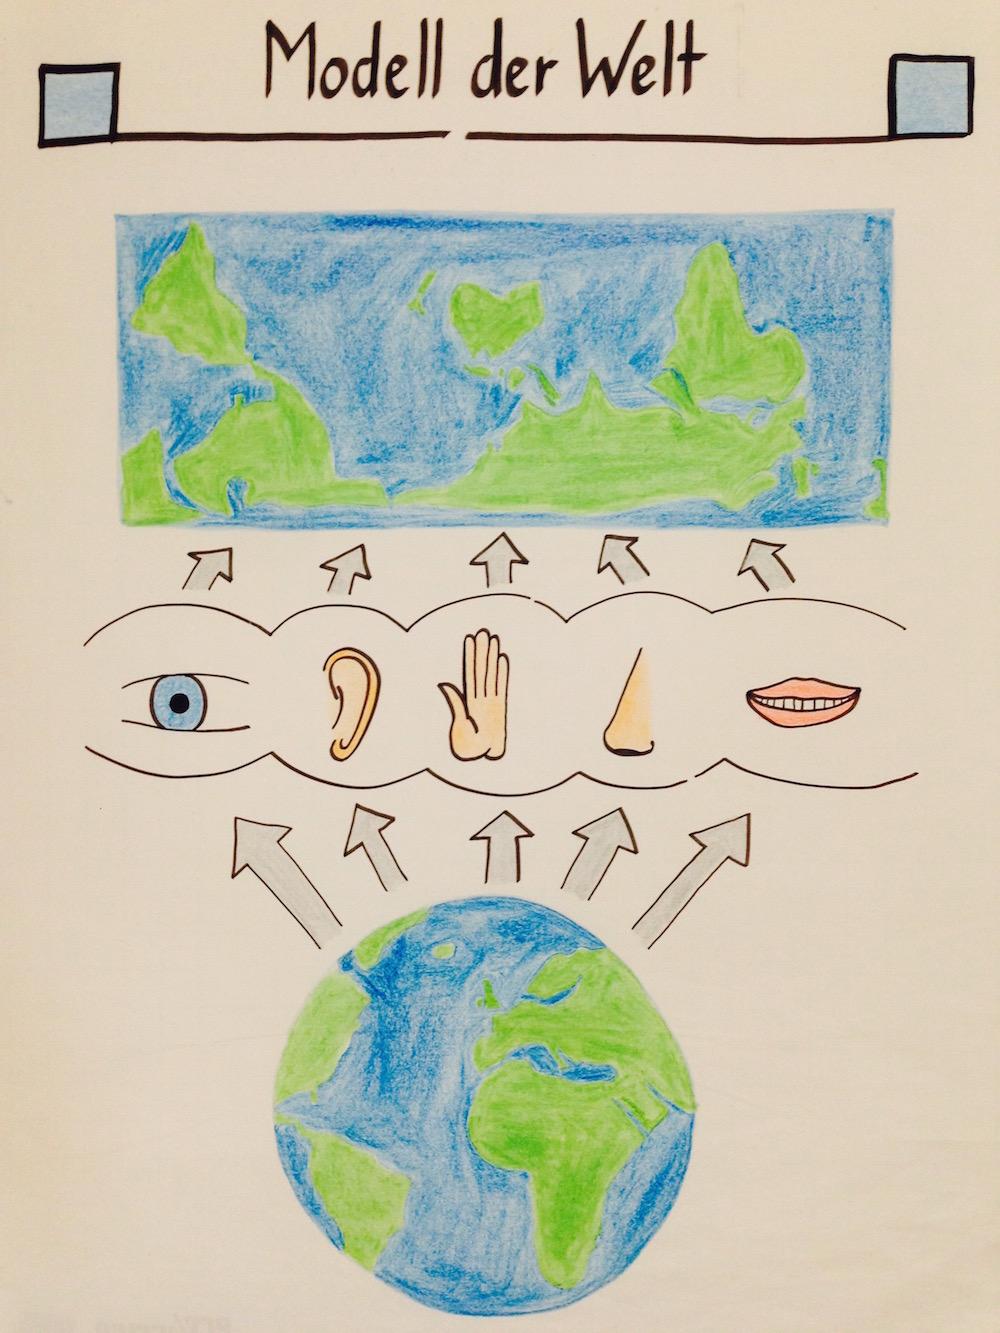 Modell der Welt - NLP